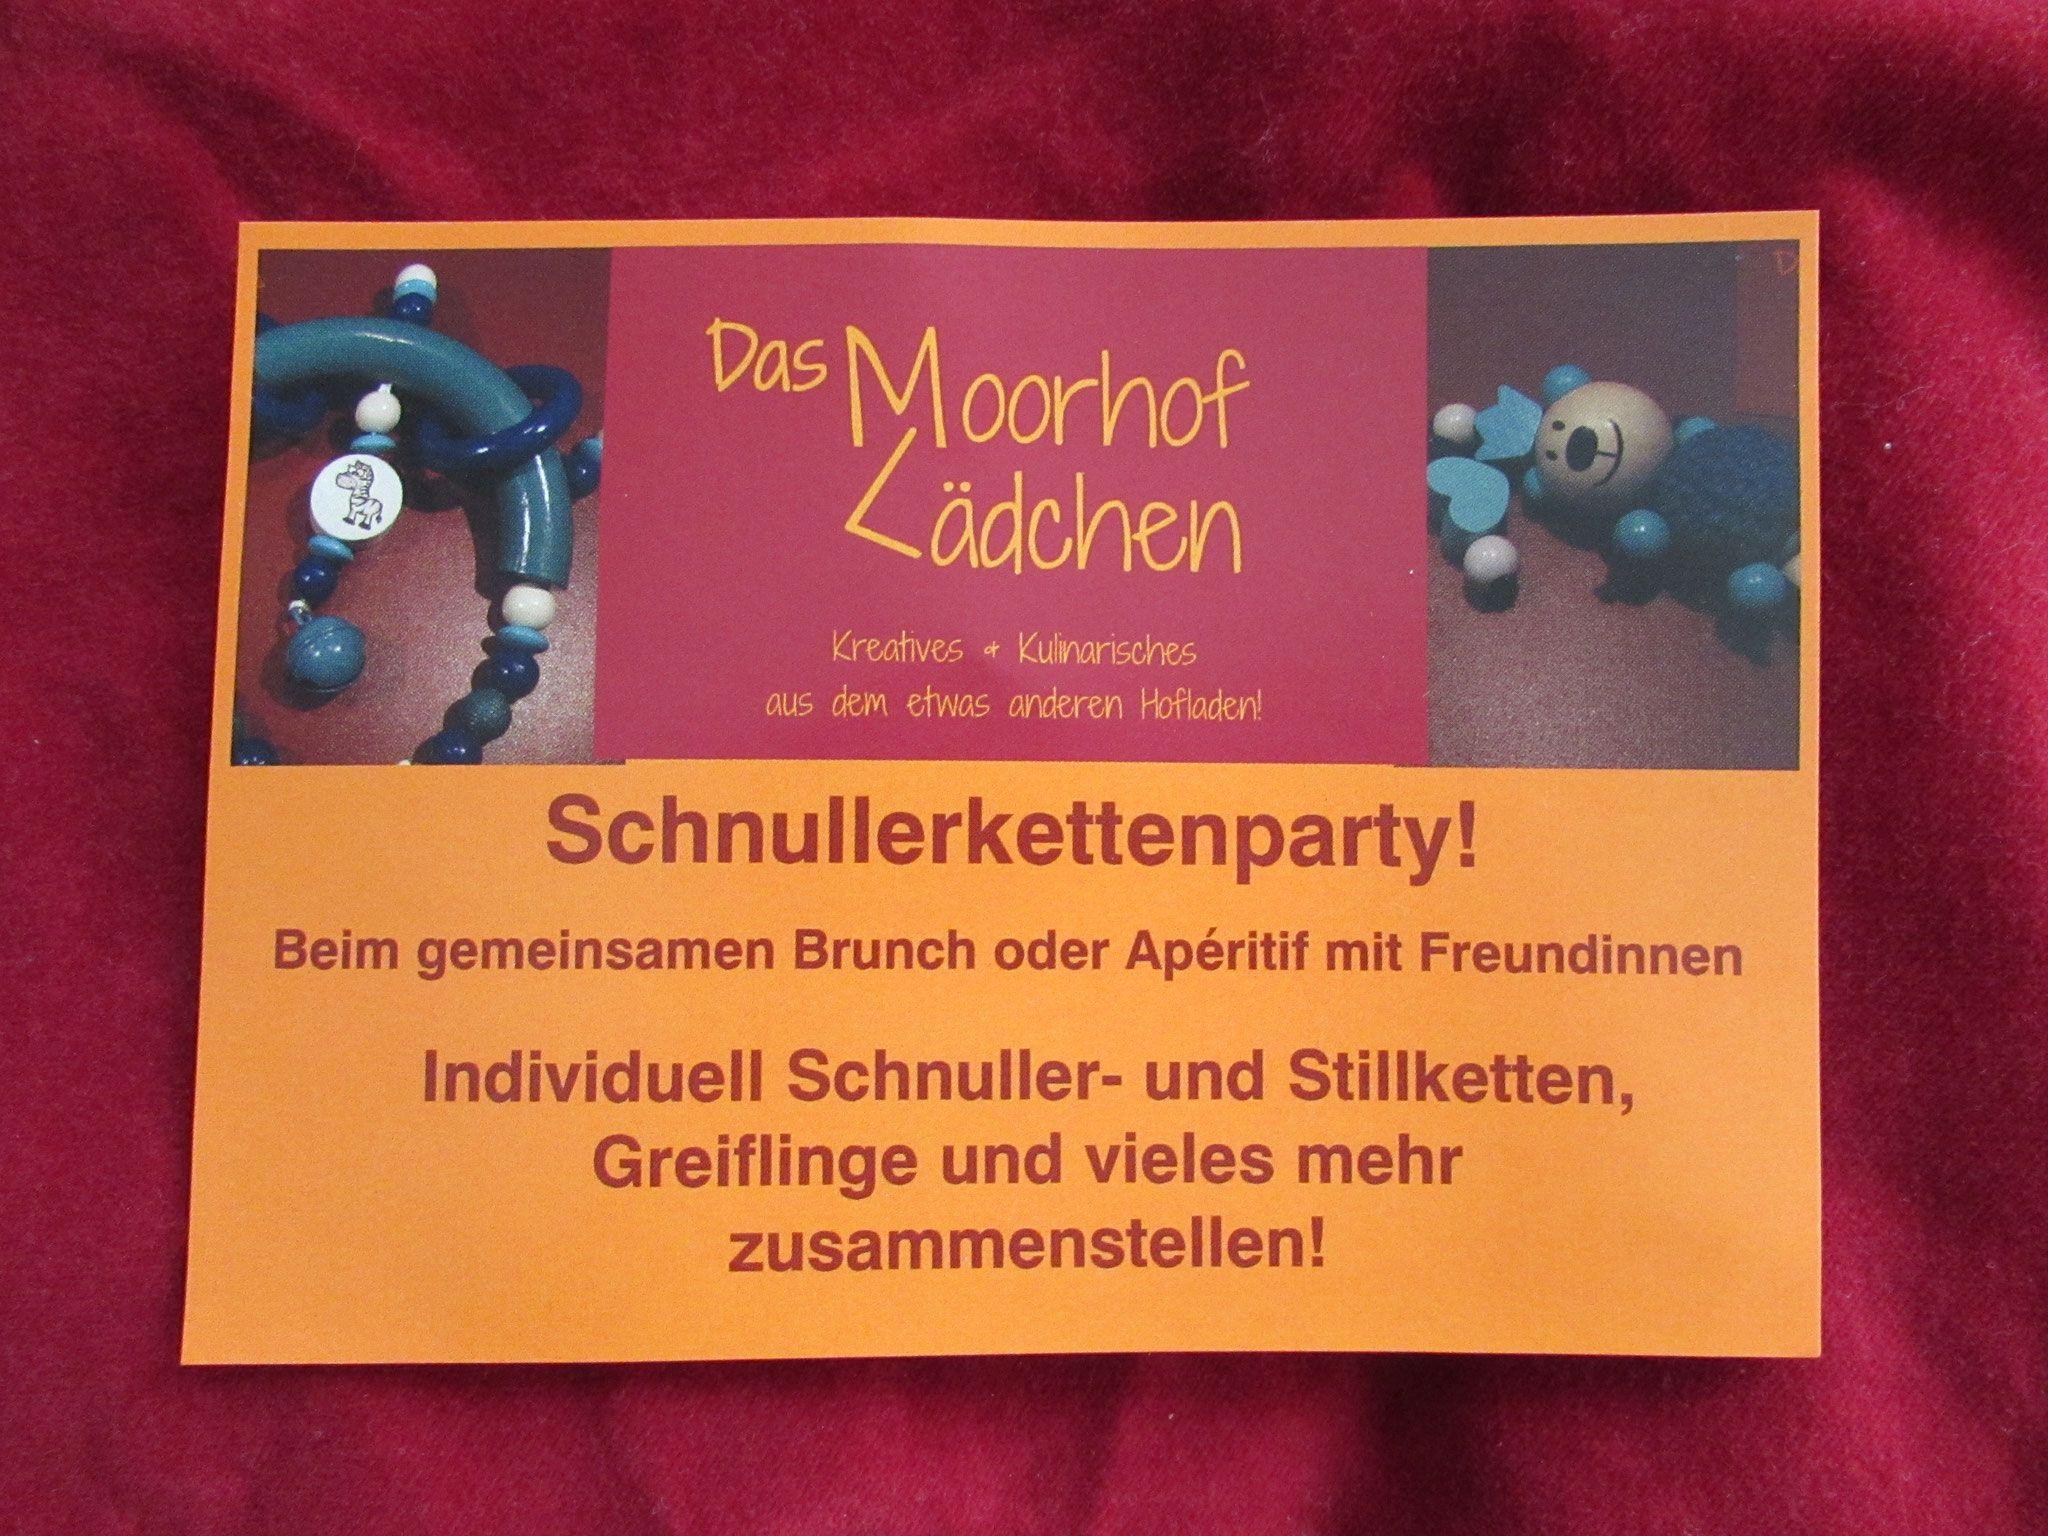 Schnullerkettenparty - Das Moorhof-Lädchen - Kreatives und Kulinarisches